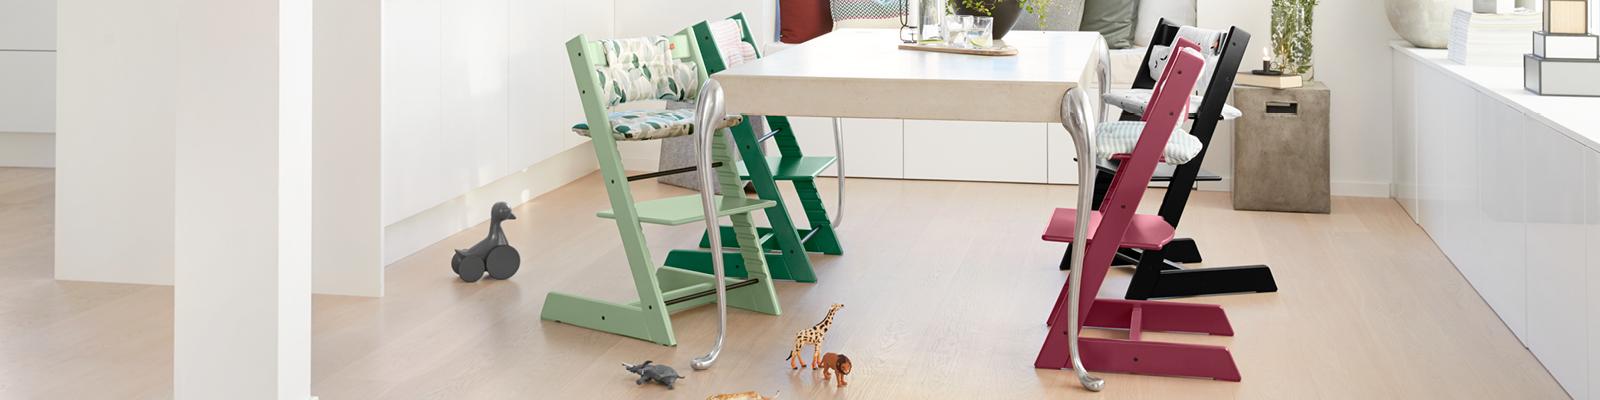 stokke kinderwagen hochstuhl kinderzimmer babytrage stokke deutschland. Black Bedroom Furniture Sets. Home Design Ideas